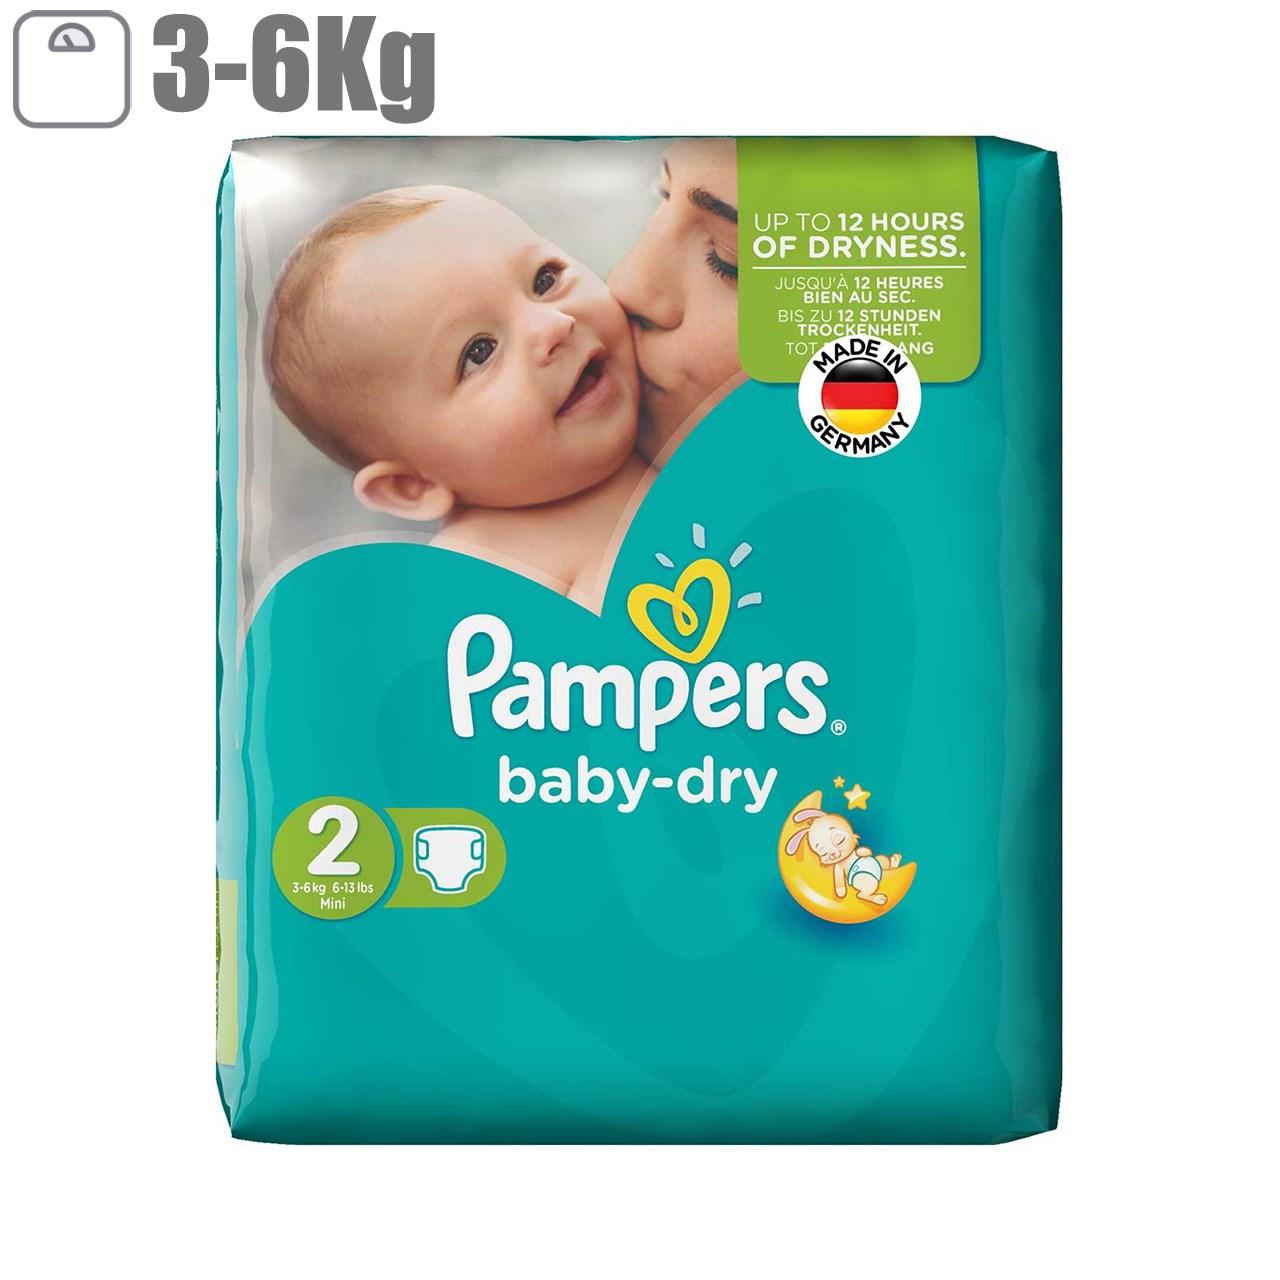 پوشک پمپرز مدل Baby Dry سایز 2 بسته 31 عددی